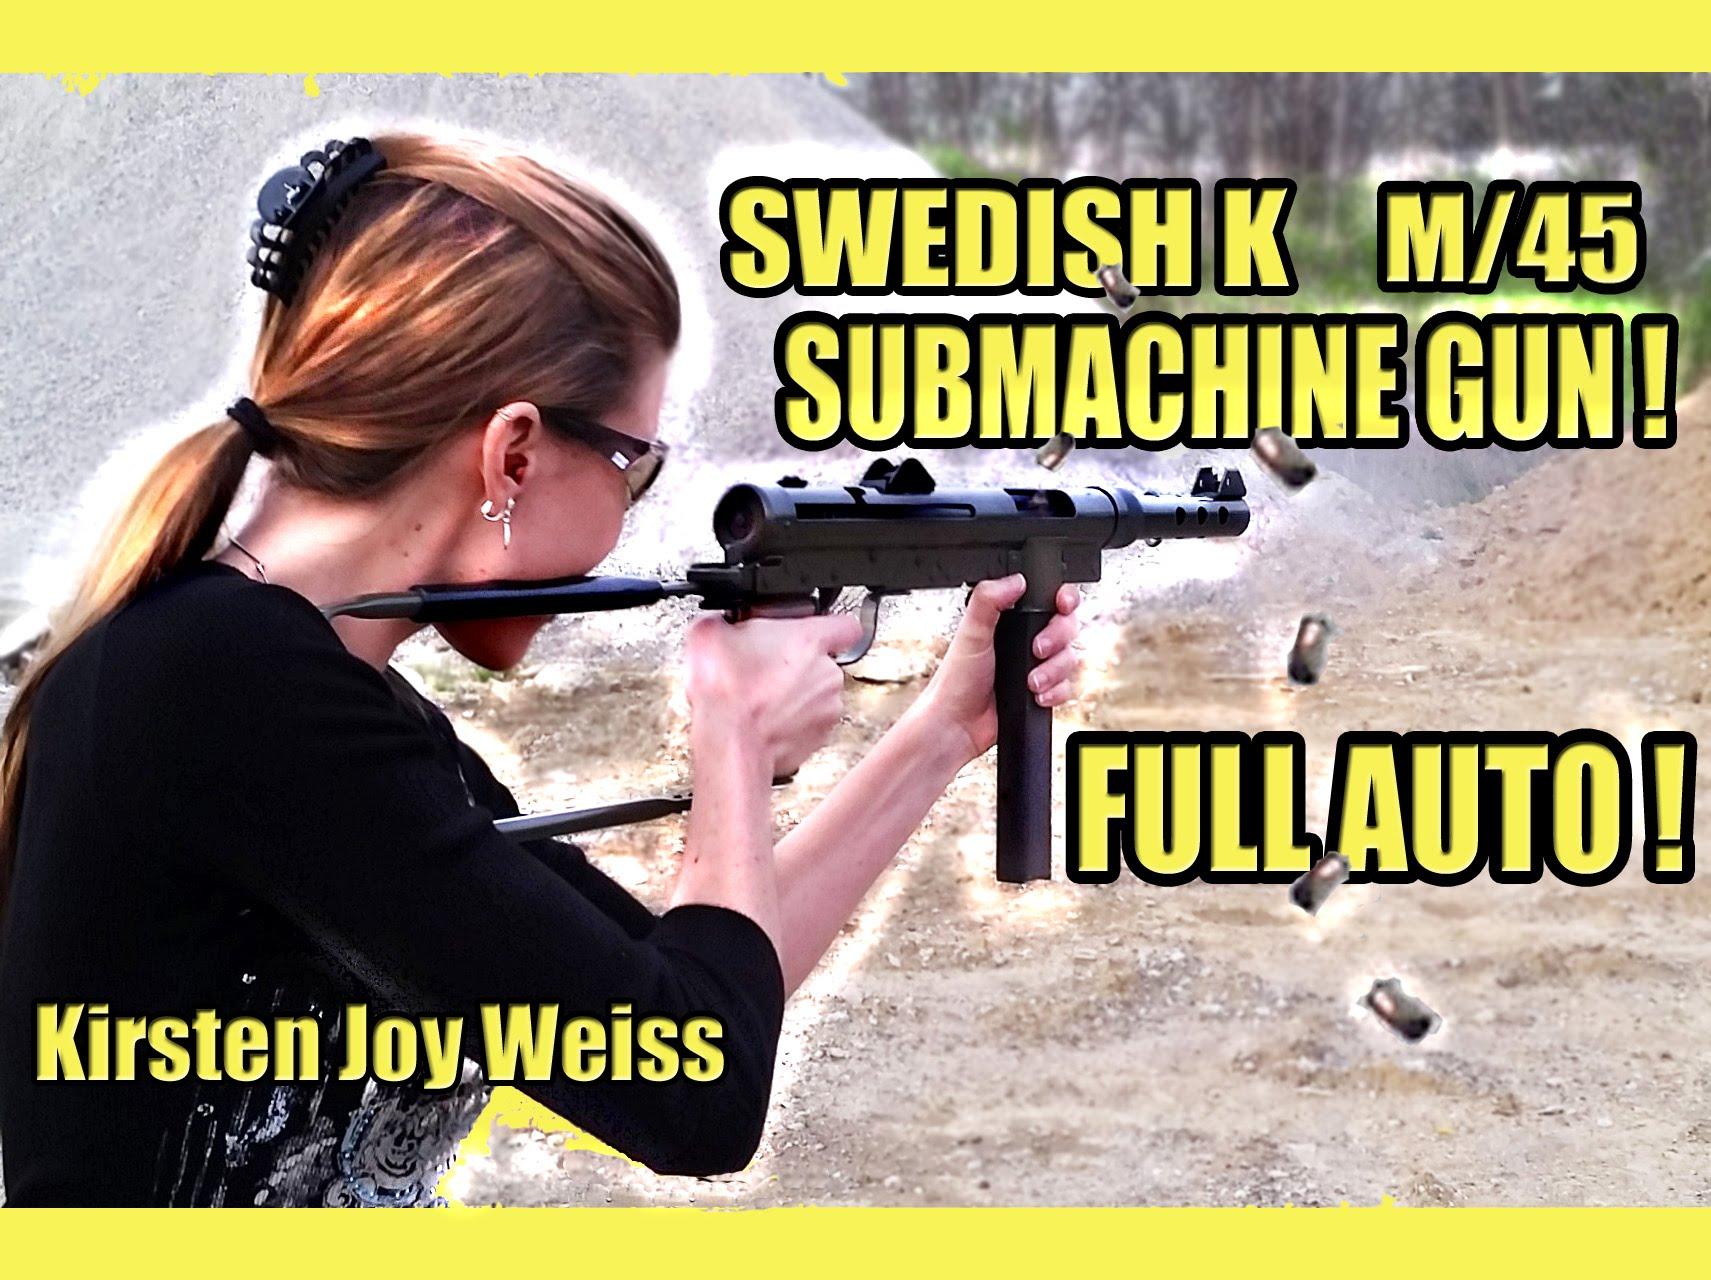 Swedish K Submachine Gun